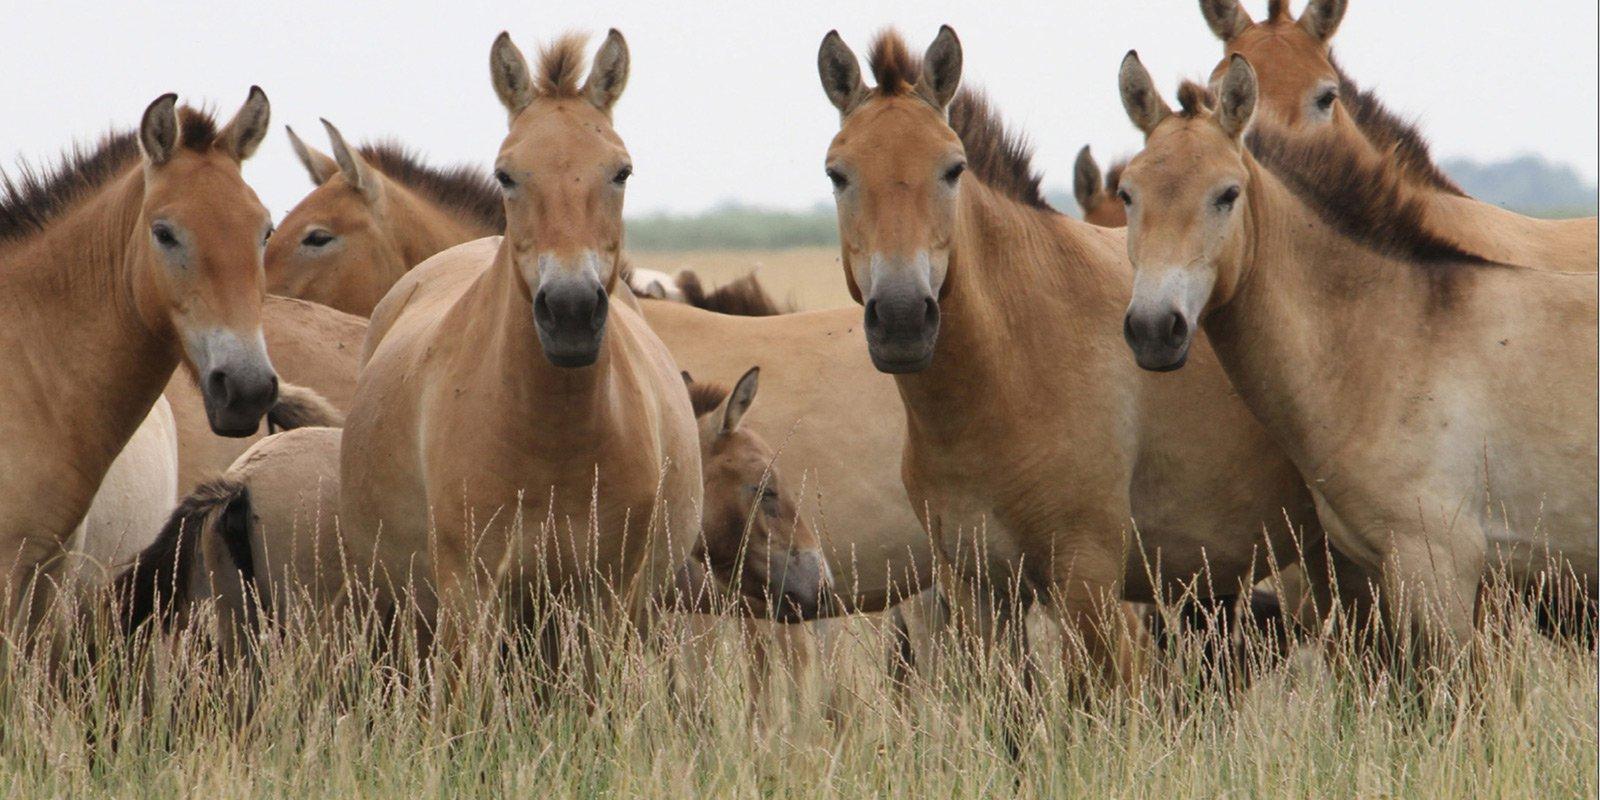 Асканія-Нова зберігає найчисленнішу     в світі групу коней Пржевальського (6% усього світового поголів'я)